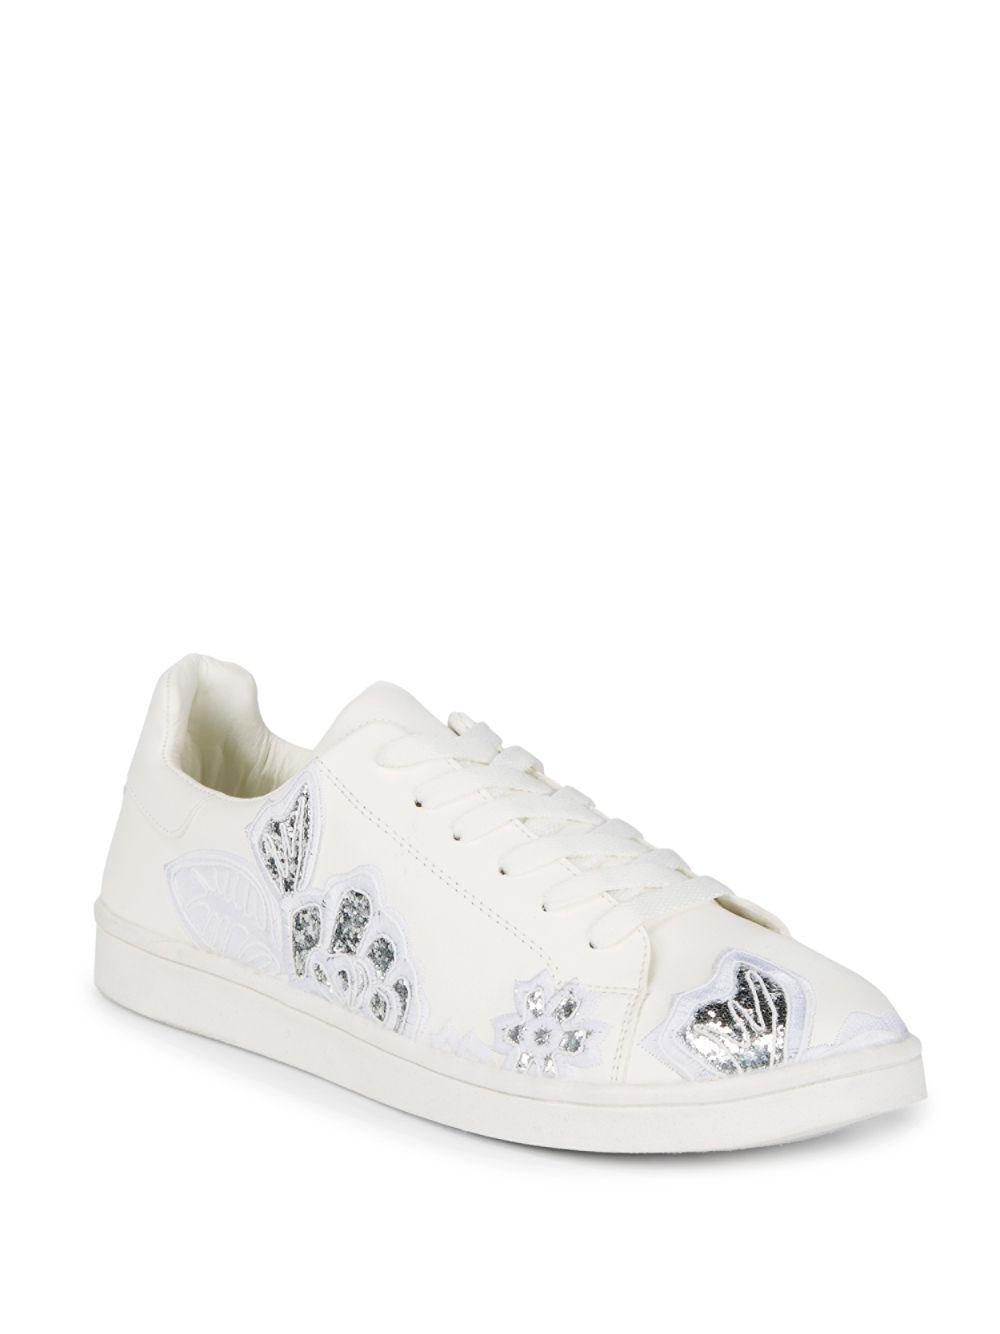 970366b1d07 Lyst - Steve Madden Esiah Sneaker in White